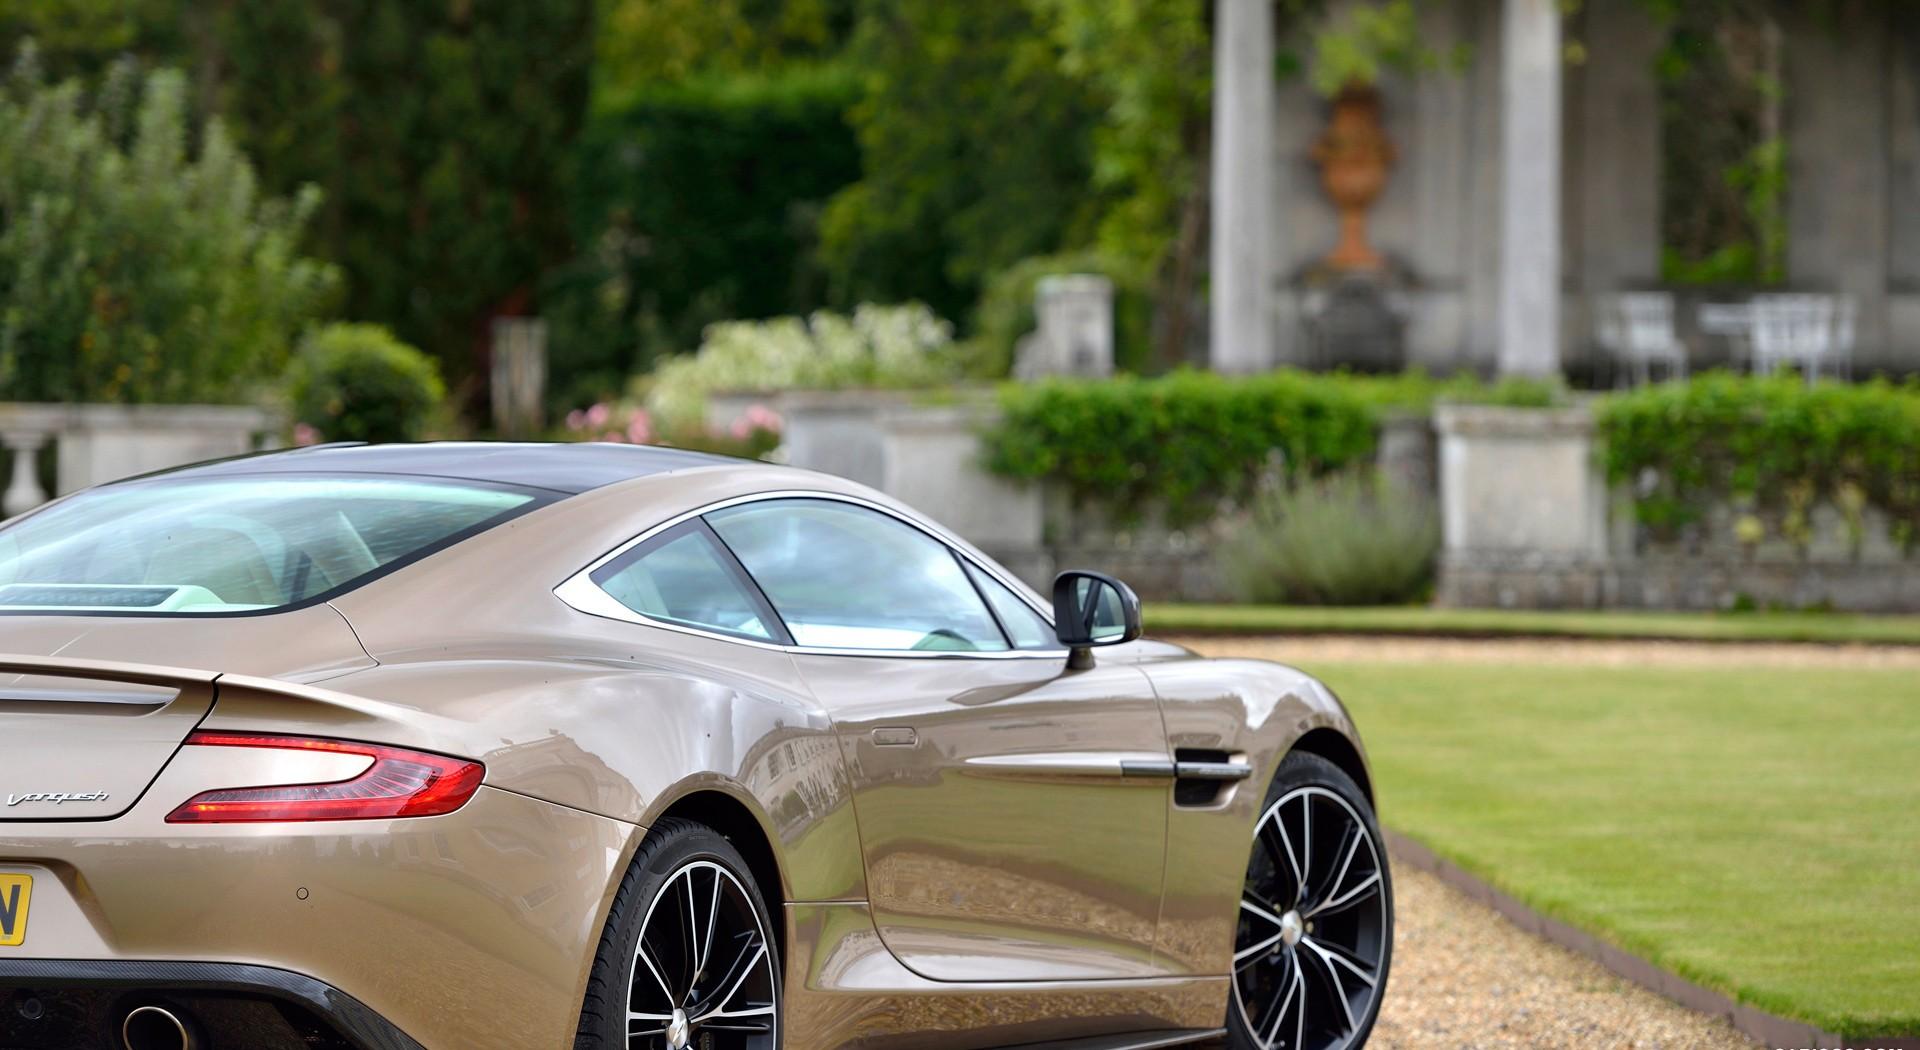 Aston Martin Vanquish beautiful grass